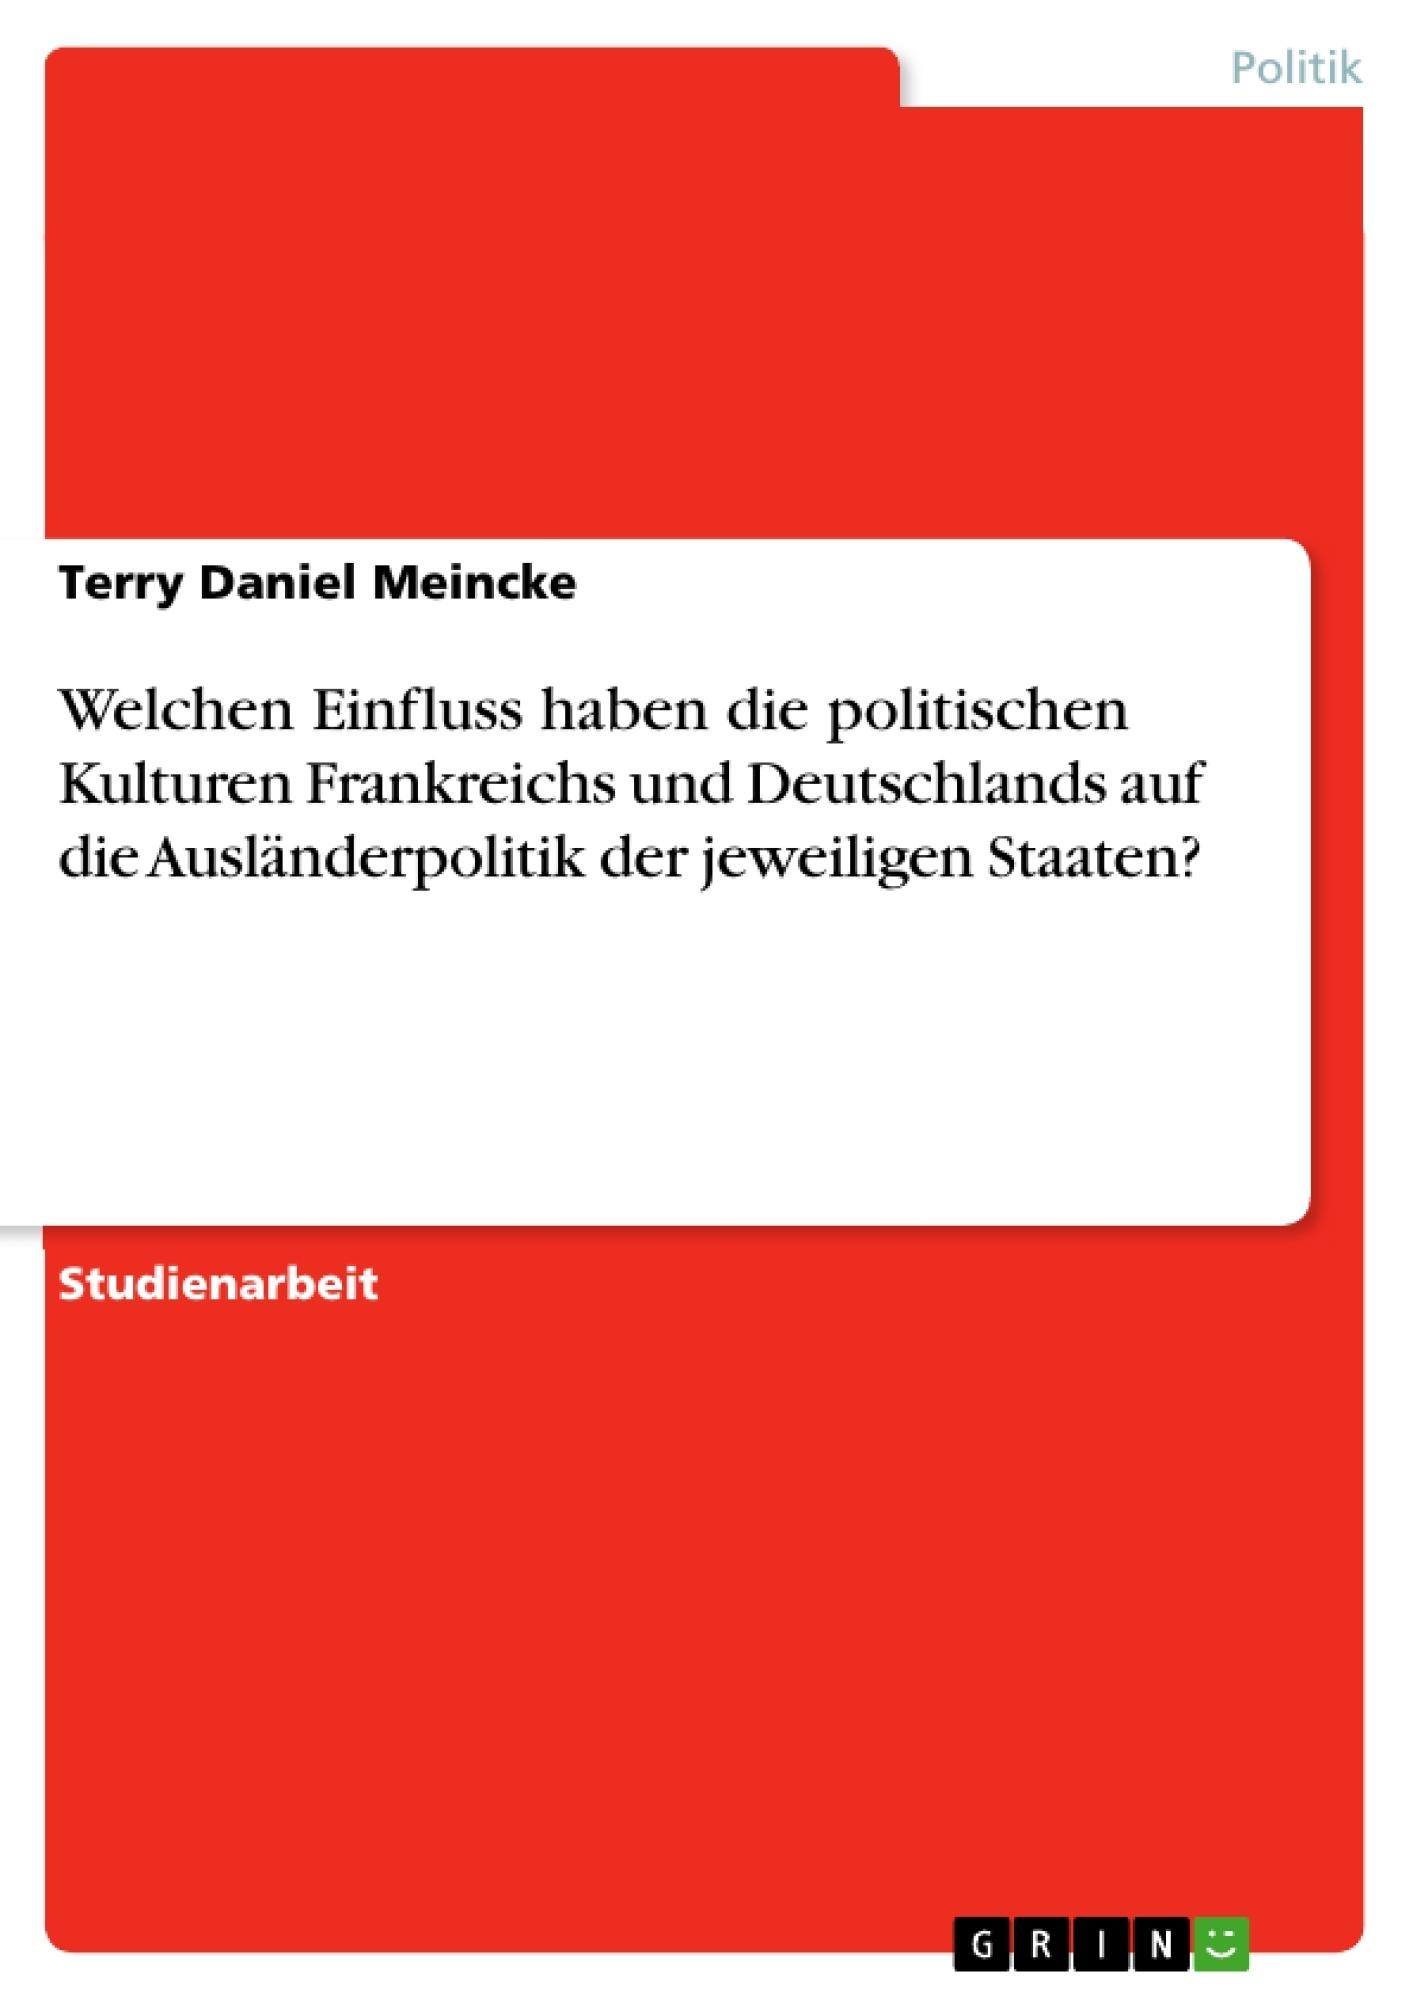 Titel: Welchen Einfluss haben die politischen Kulturen Frankreichs und Deutschlands auf die Ausländerpolitik der jeweiligen Staaten?